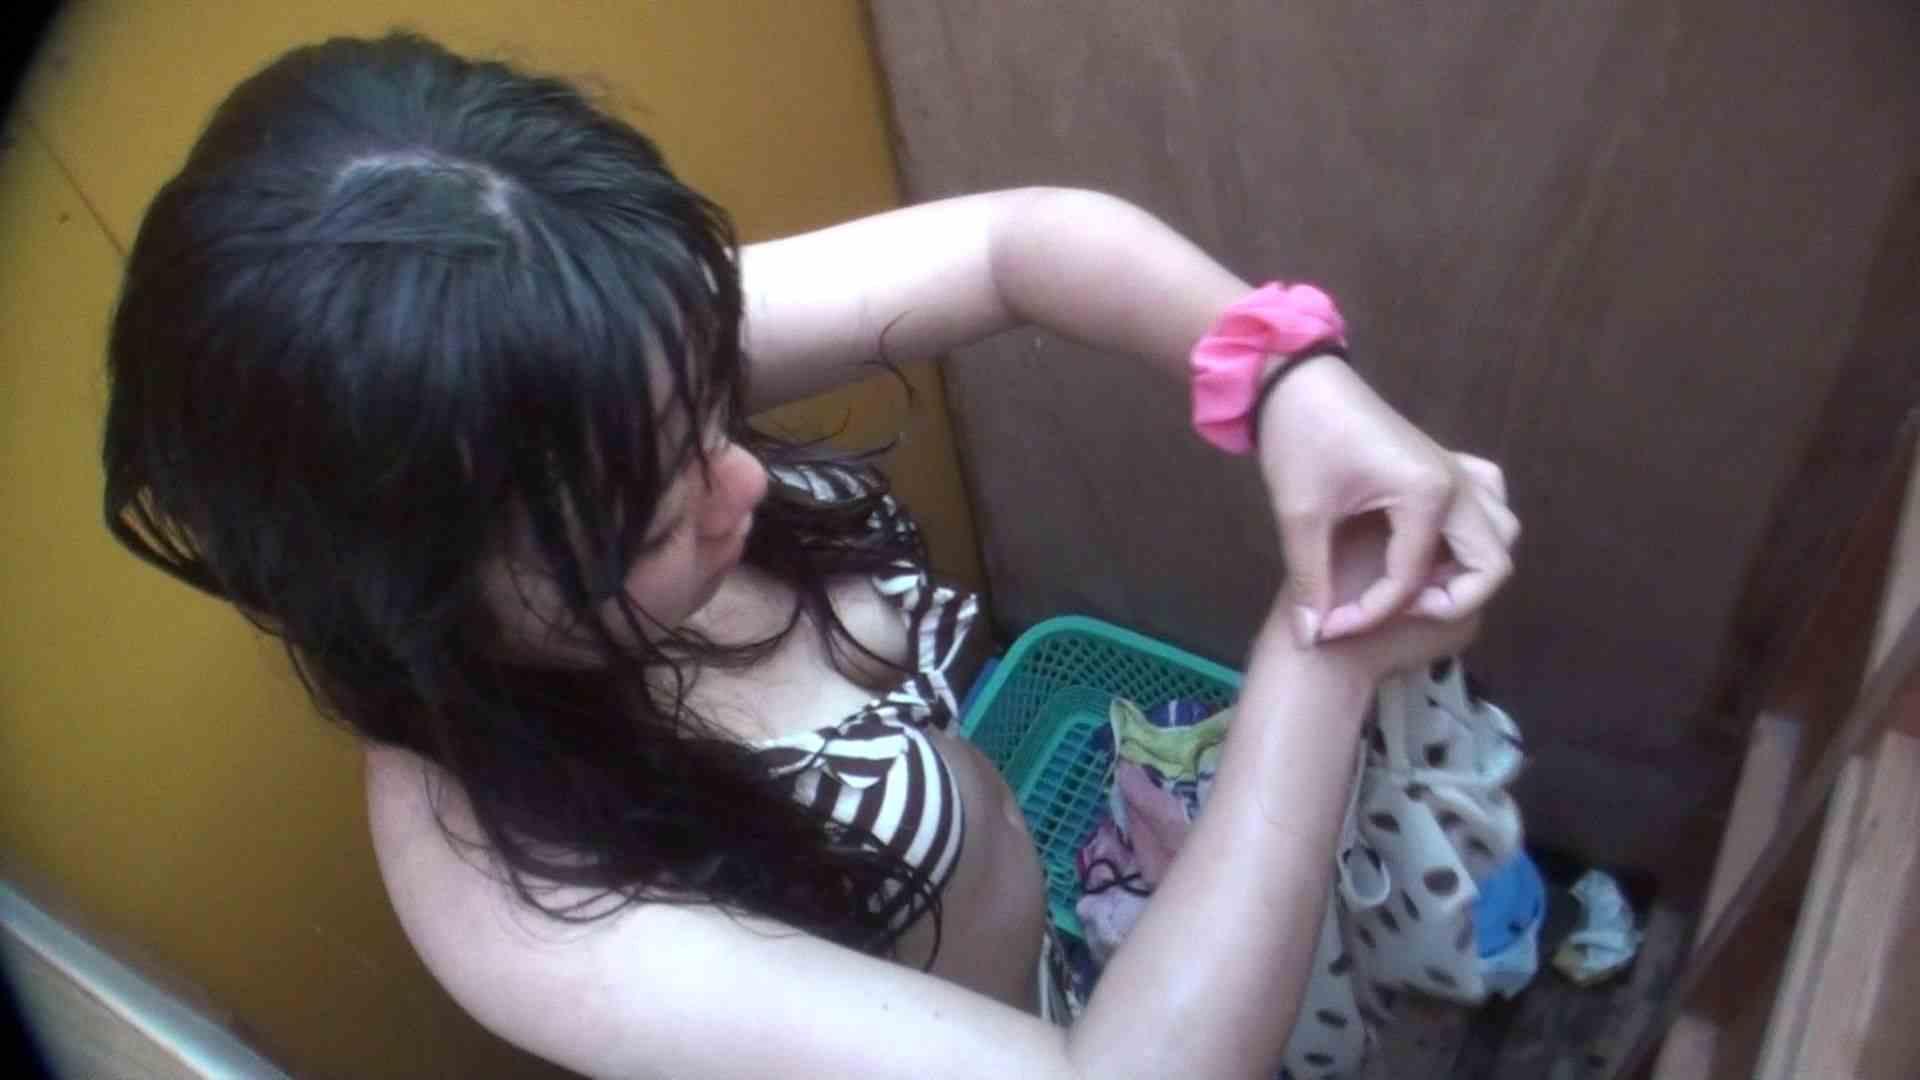 シャワールームは超!!危険な香りVol.13 ムッチムチのいやらしい身体つき 高画質   美しいOLの裸体  76pic 4